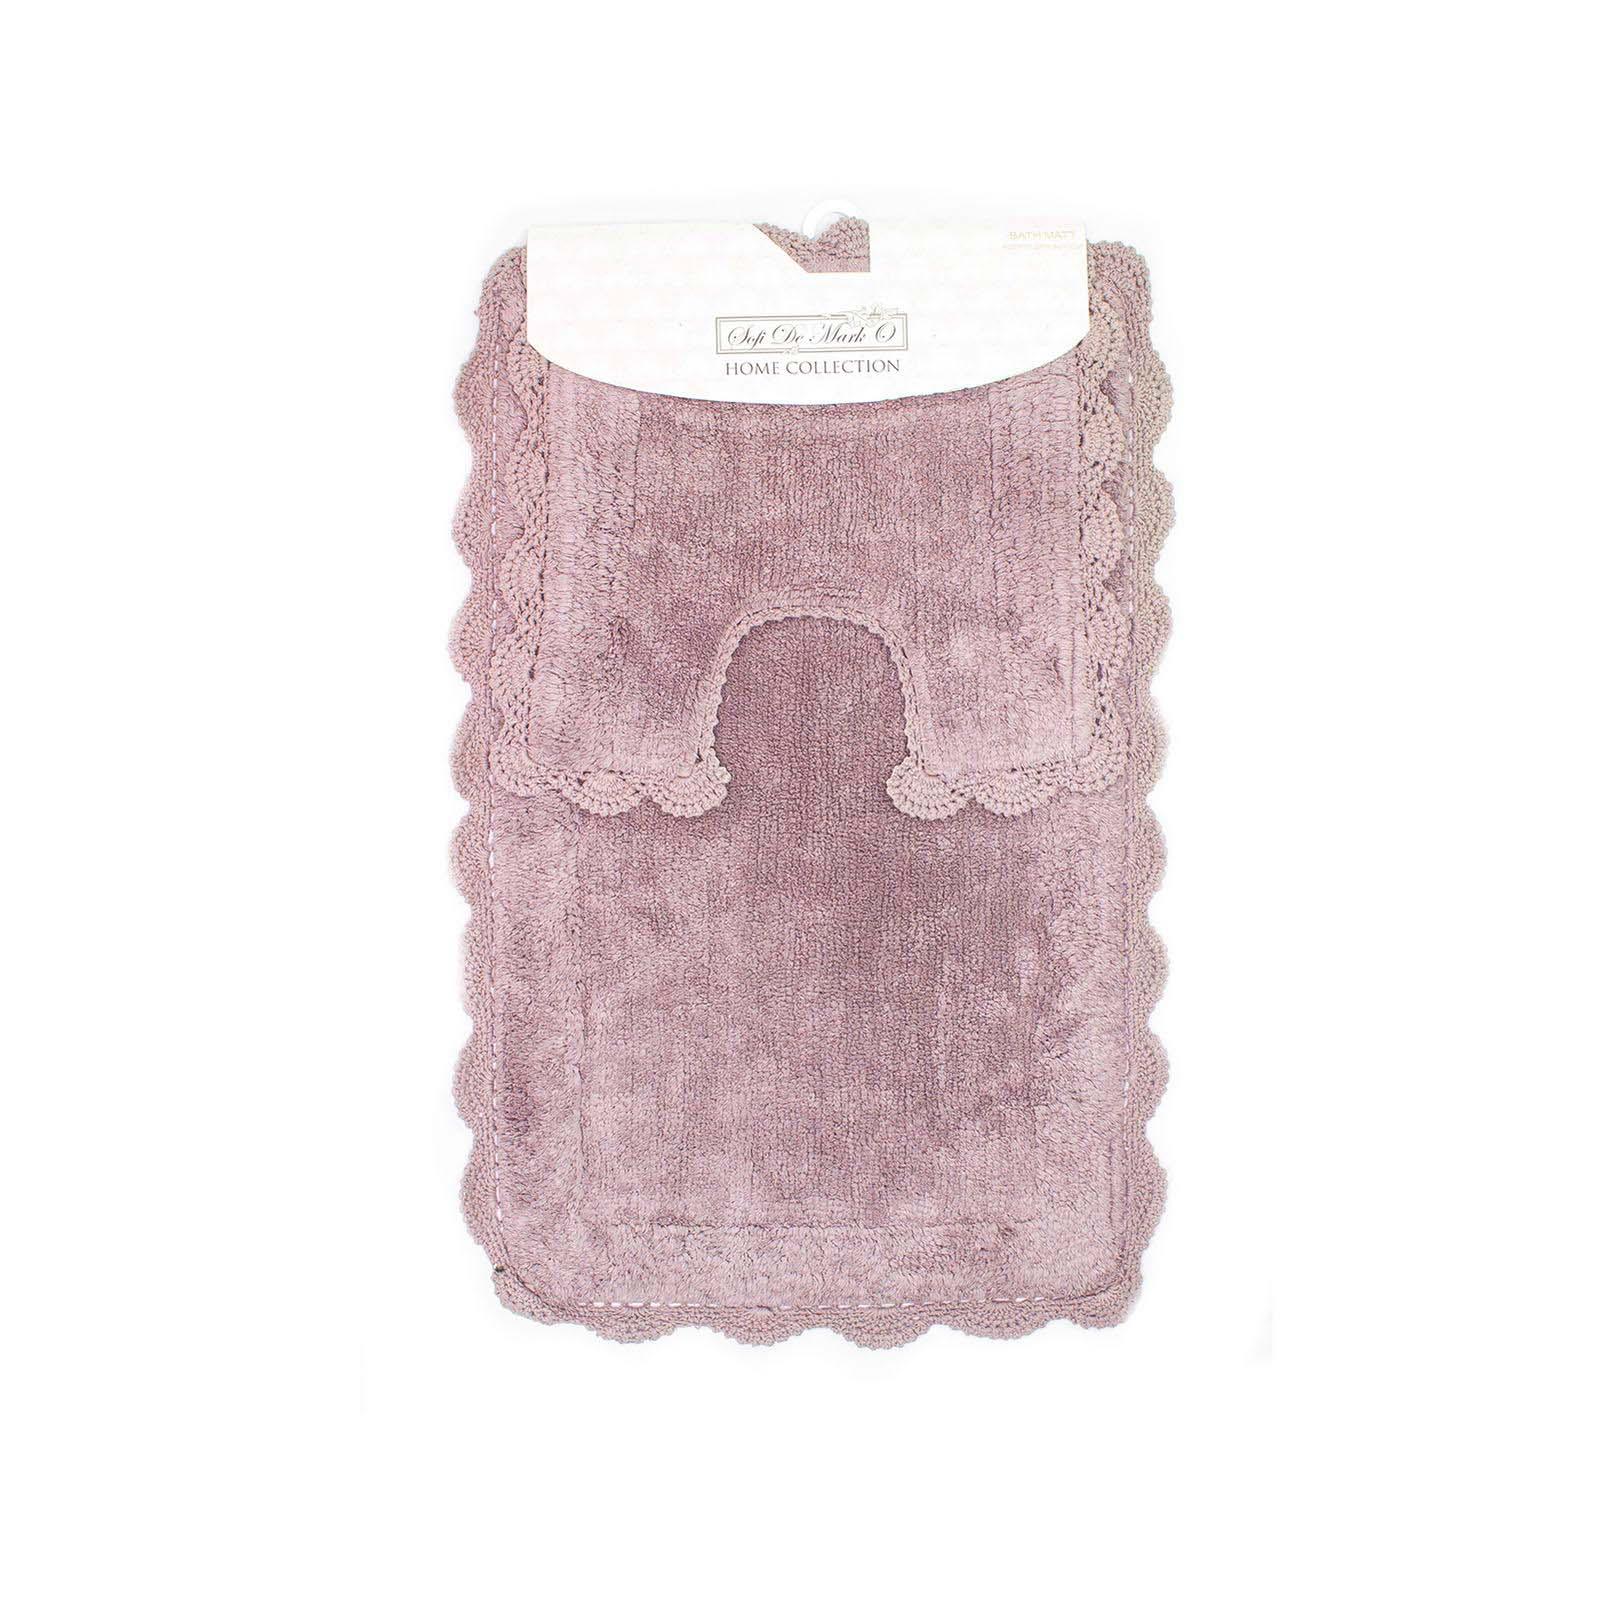 Коврики для ванной и туалета Sofi De MarkO sofi668677